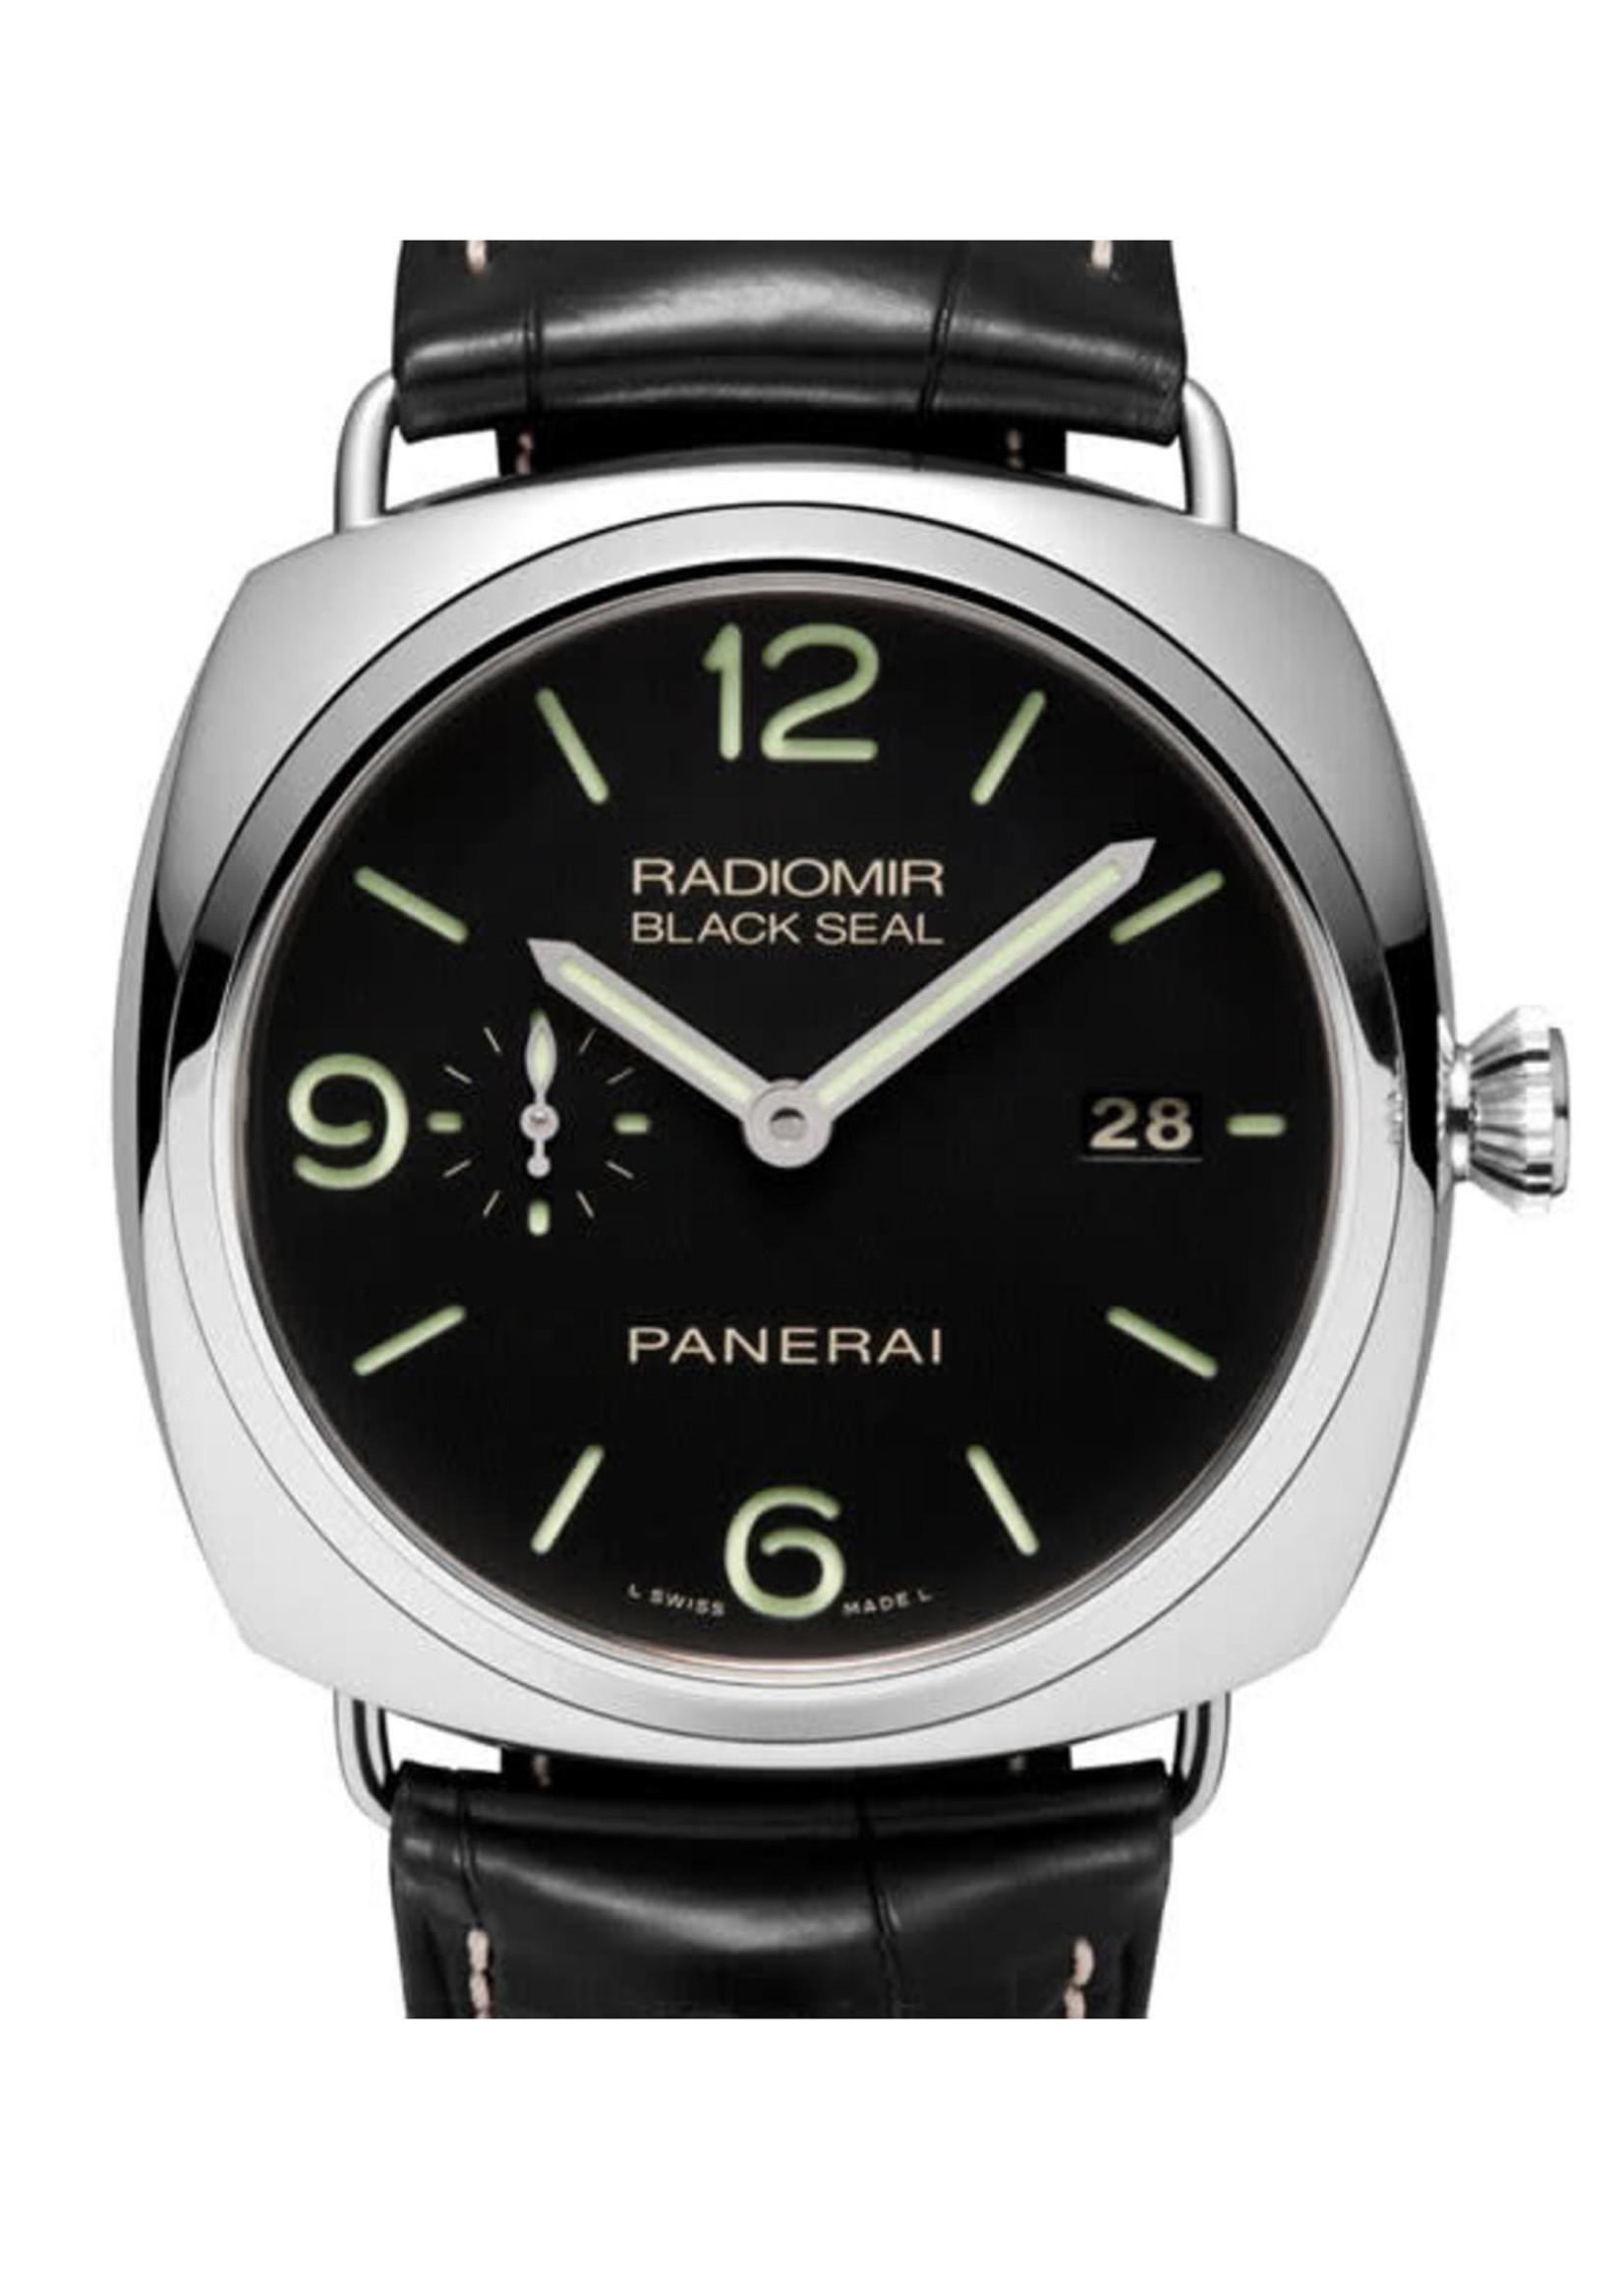 Panerai PANERAI PAM 388 45MM RADIOMIR (B+P) NEVER WORN